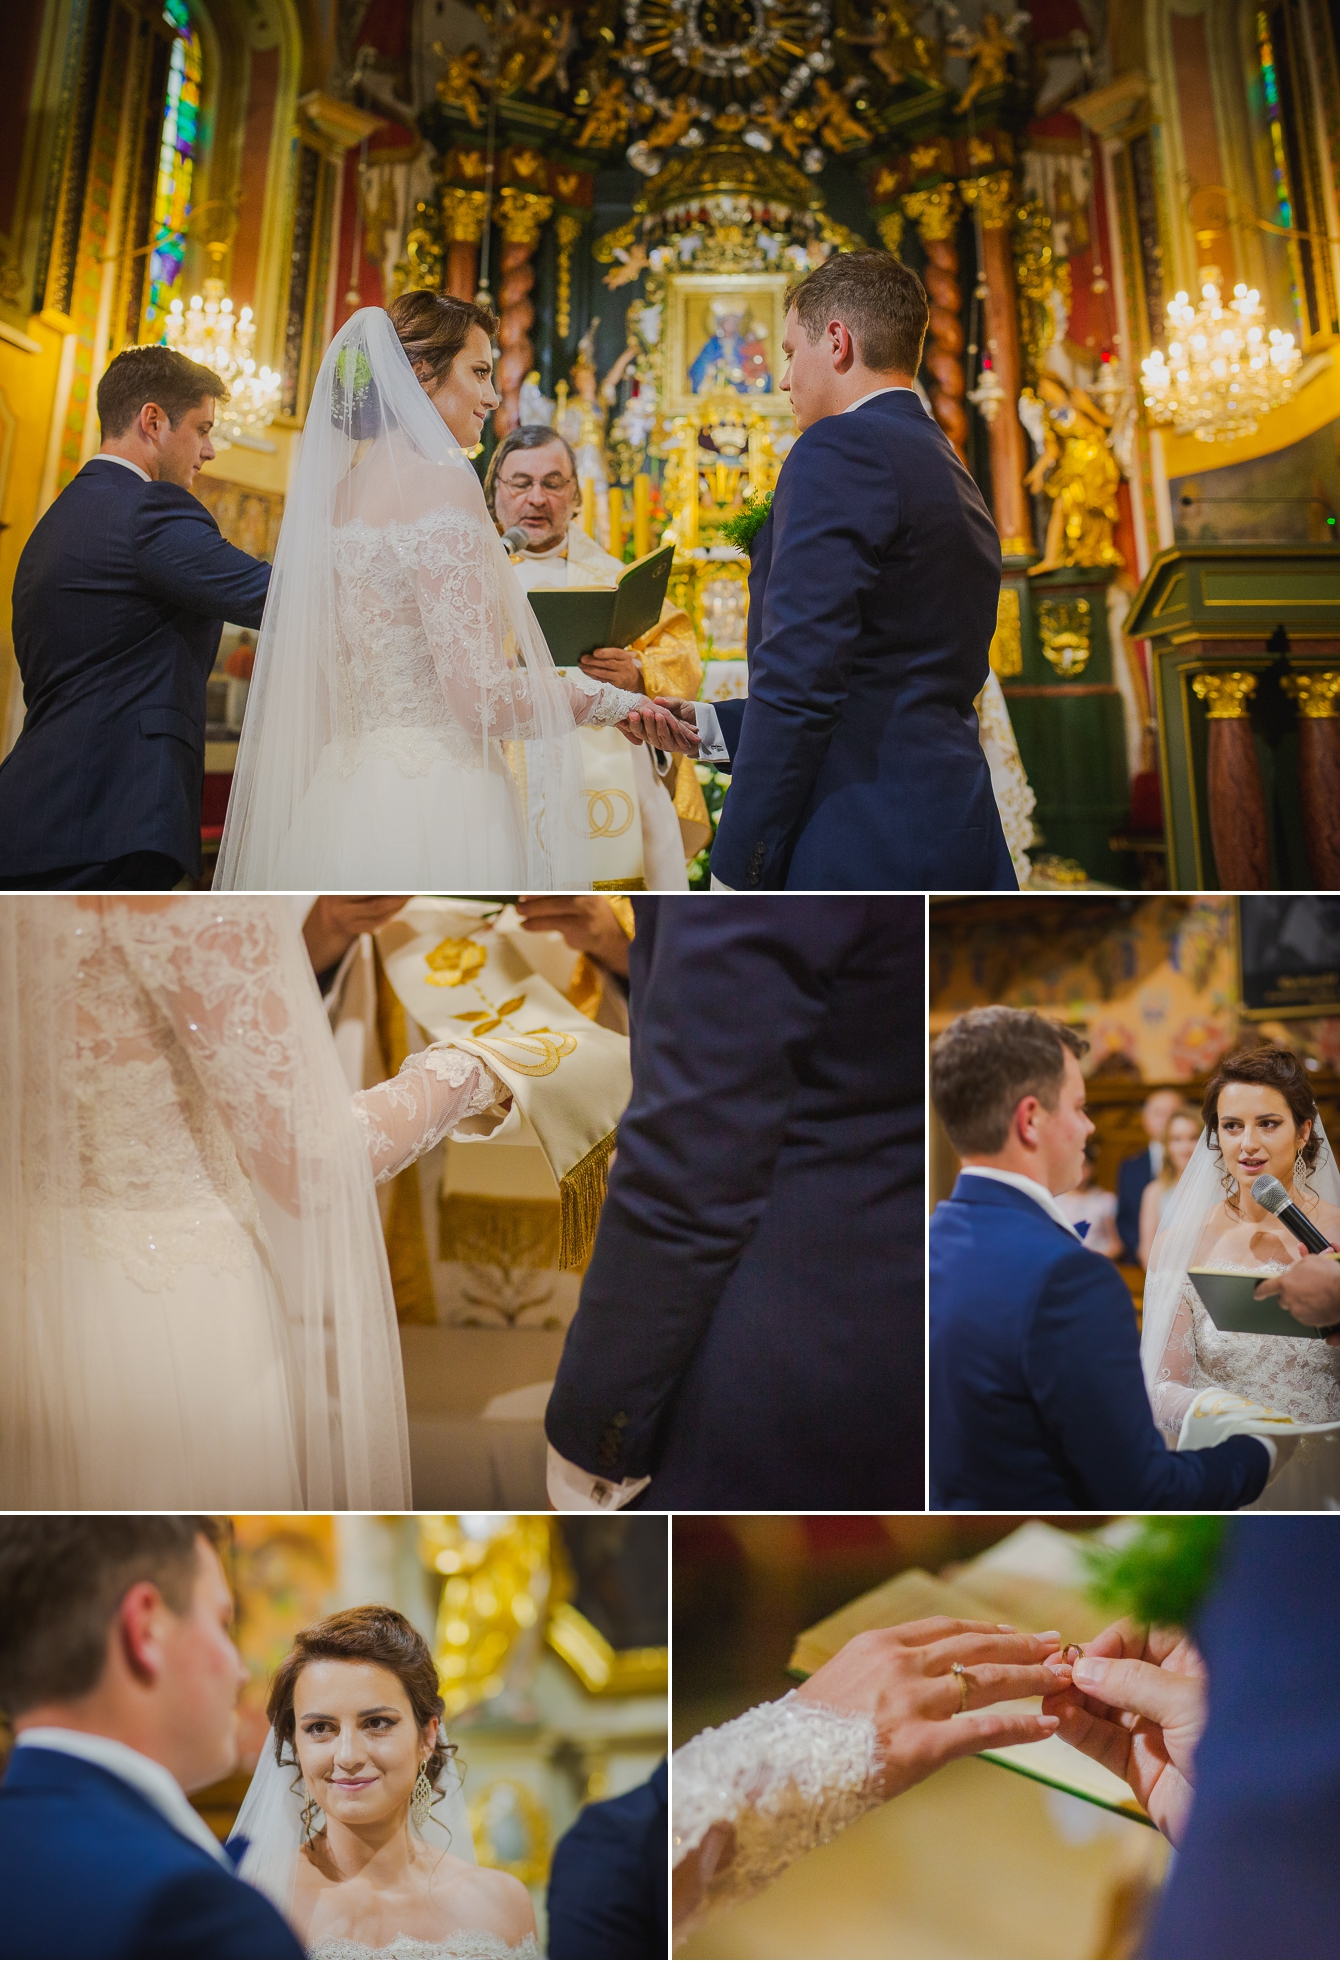 Ania i Damian - ślub w górach - Kocierz SPA - fotografia ślubna - bartek Wyrobek  (8).jpg